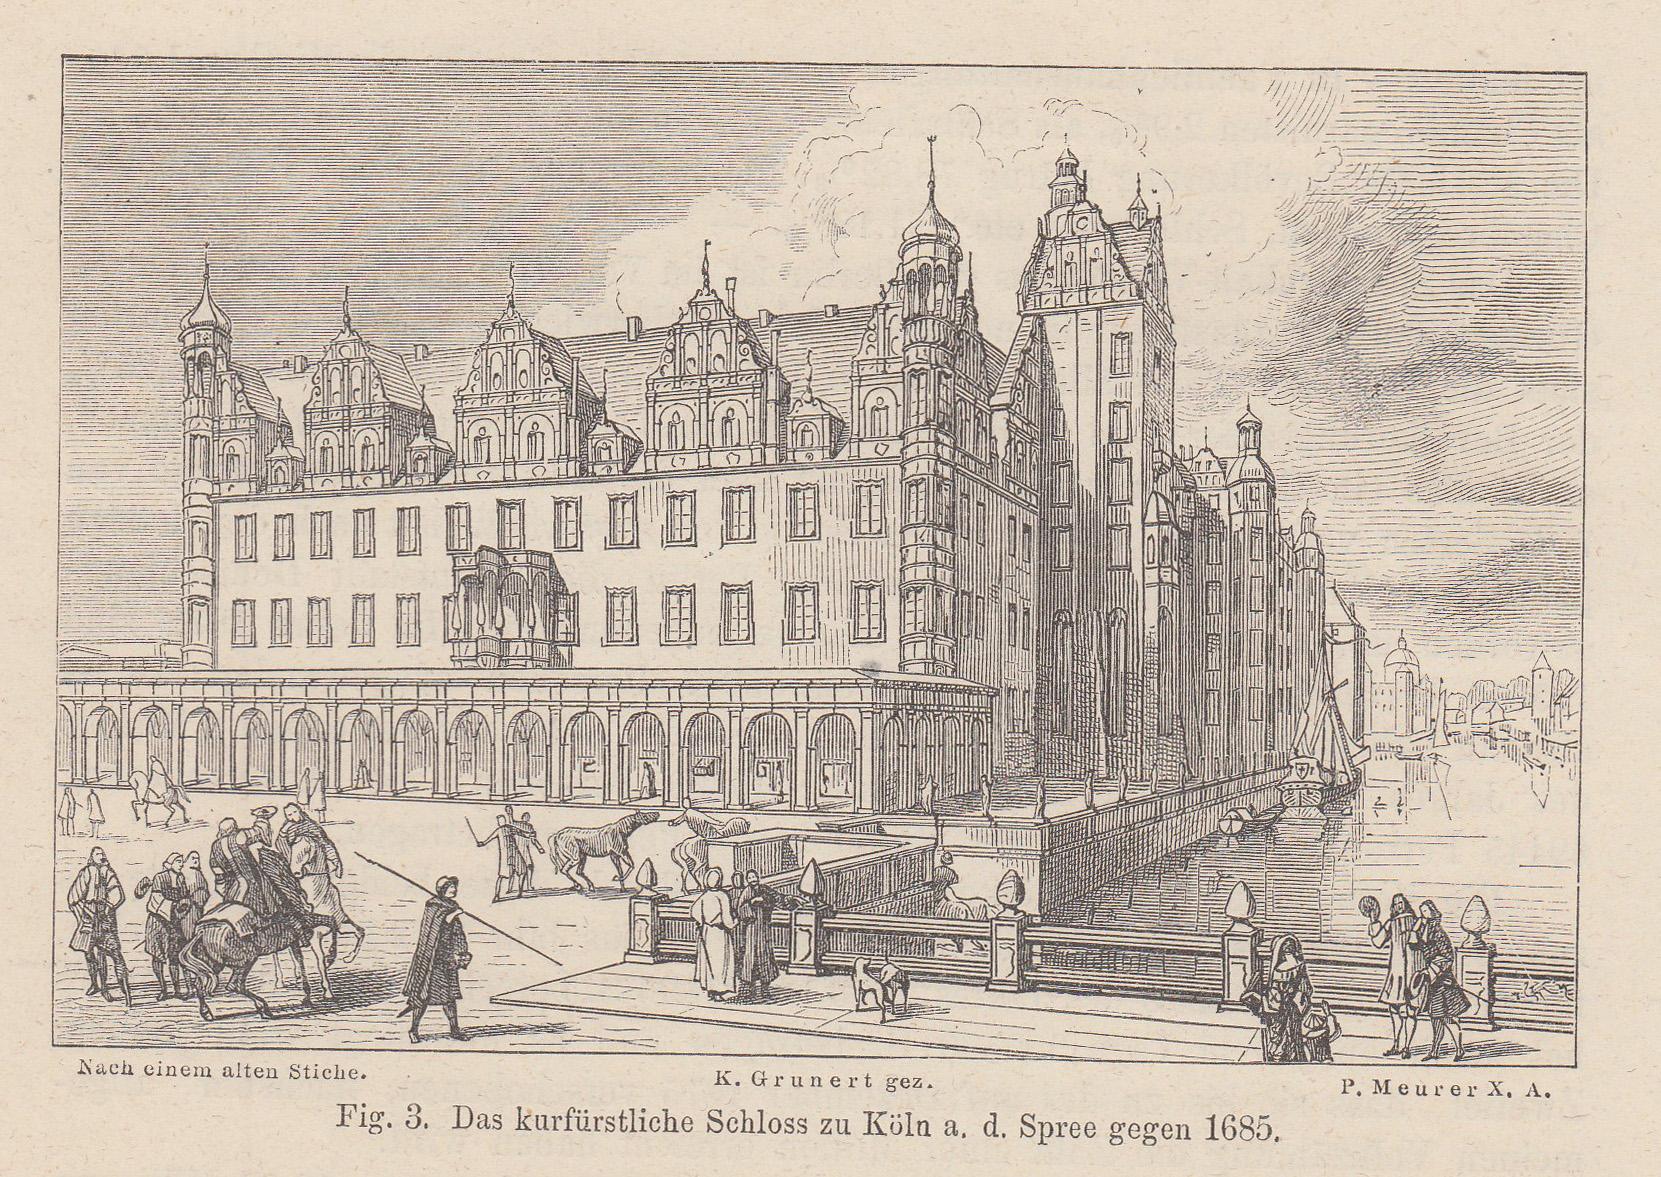 Das kurfürstliche Schloss zu Köln a. d.: Berlin - Schloss: